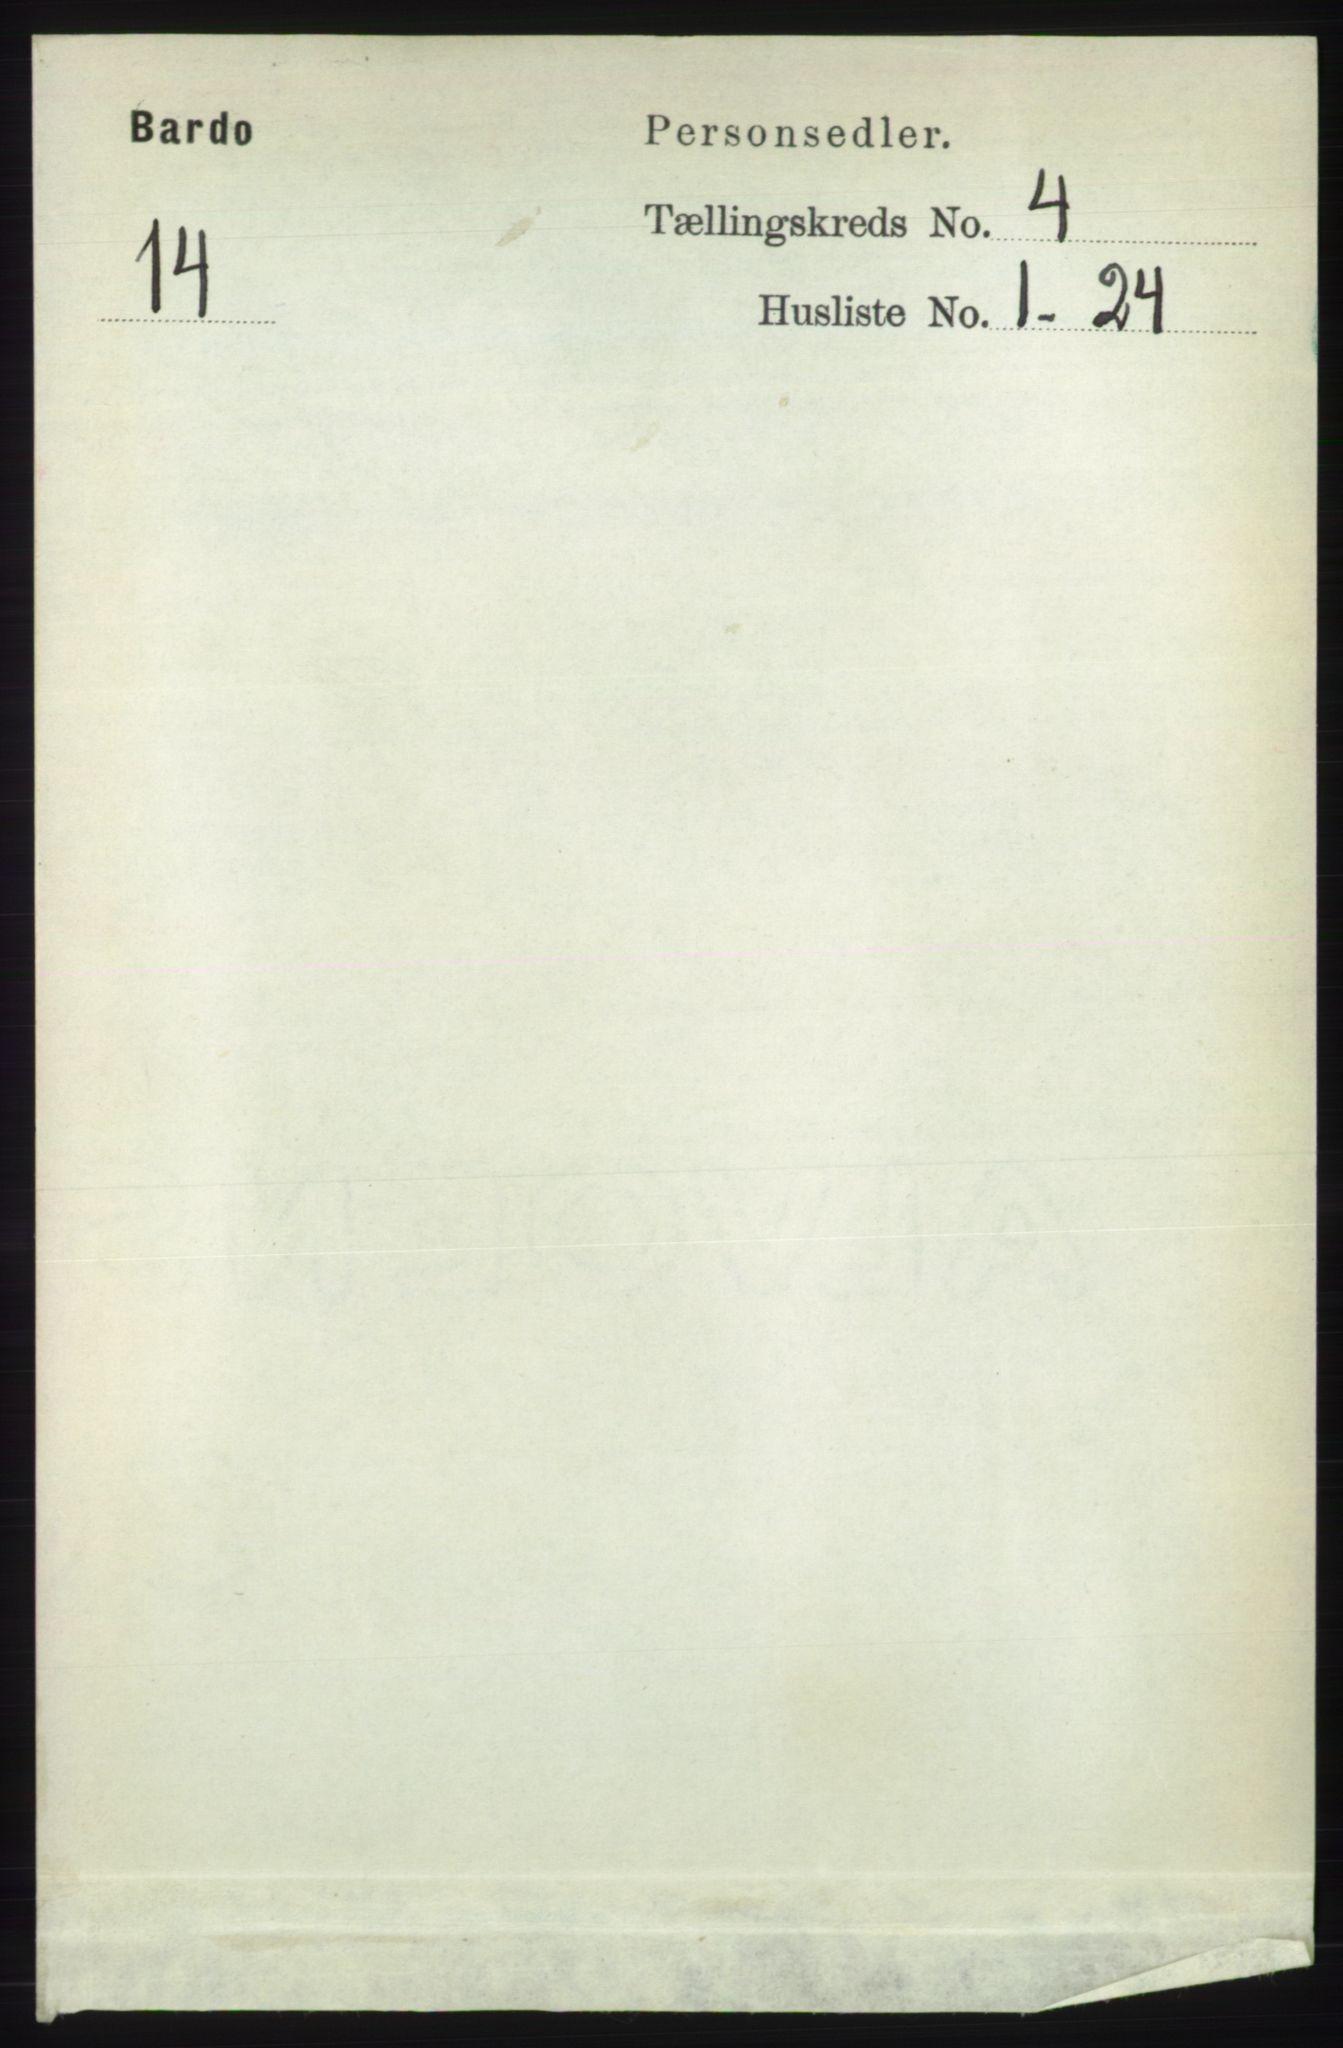 RA, Folketelling 1891 for 1922 Bardu herred, 1891, s. 1327